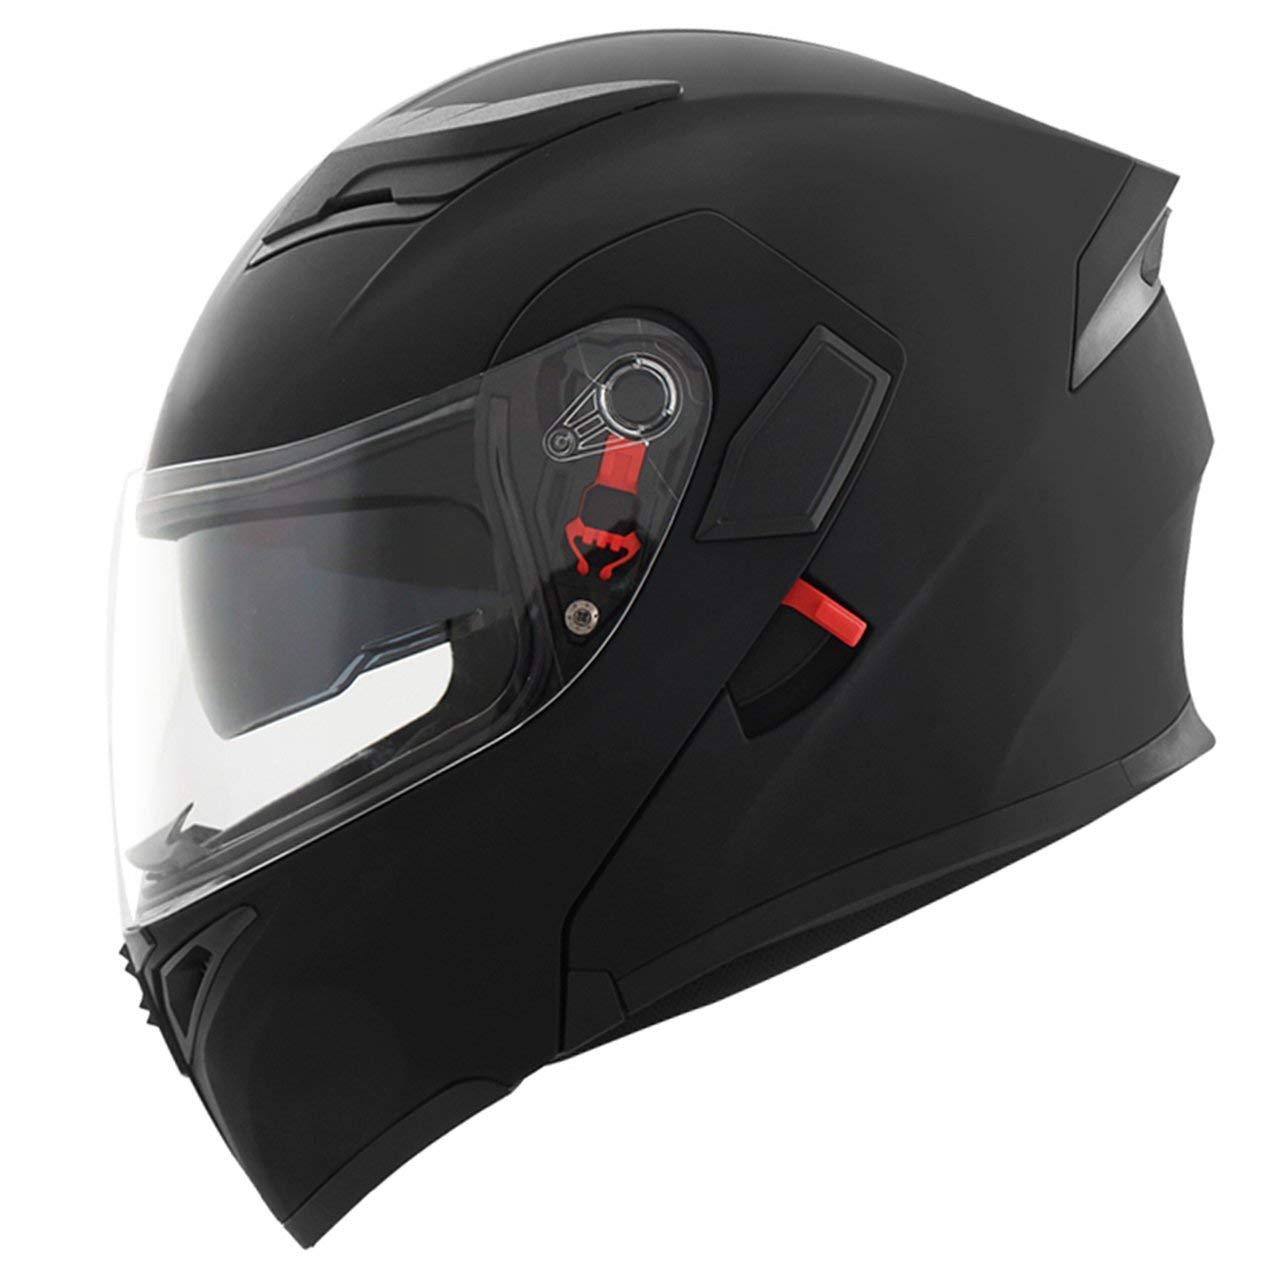 Visor de Moda Que expone la Cara Doble de la Motocicleta del Casco de la Motocicleta Cascos de la Cara Abierta de Invierno Que Protege la Cara de Motocross: ...